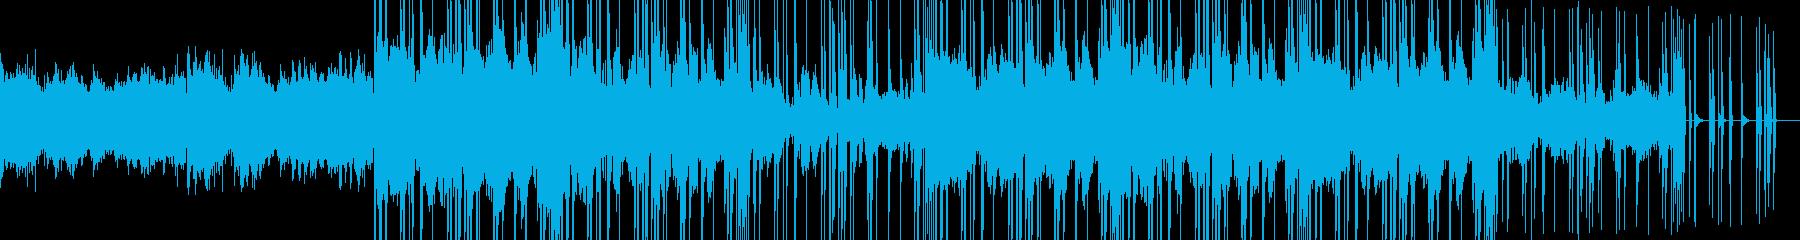 【ポップス】洋楽ヒットチャートナンバー風の再生済みの波形